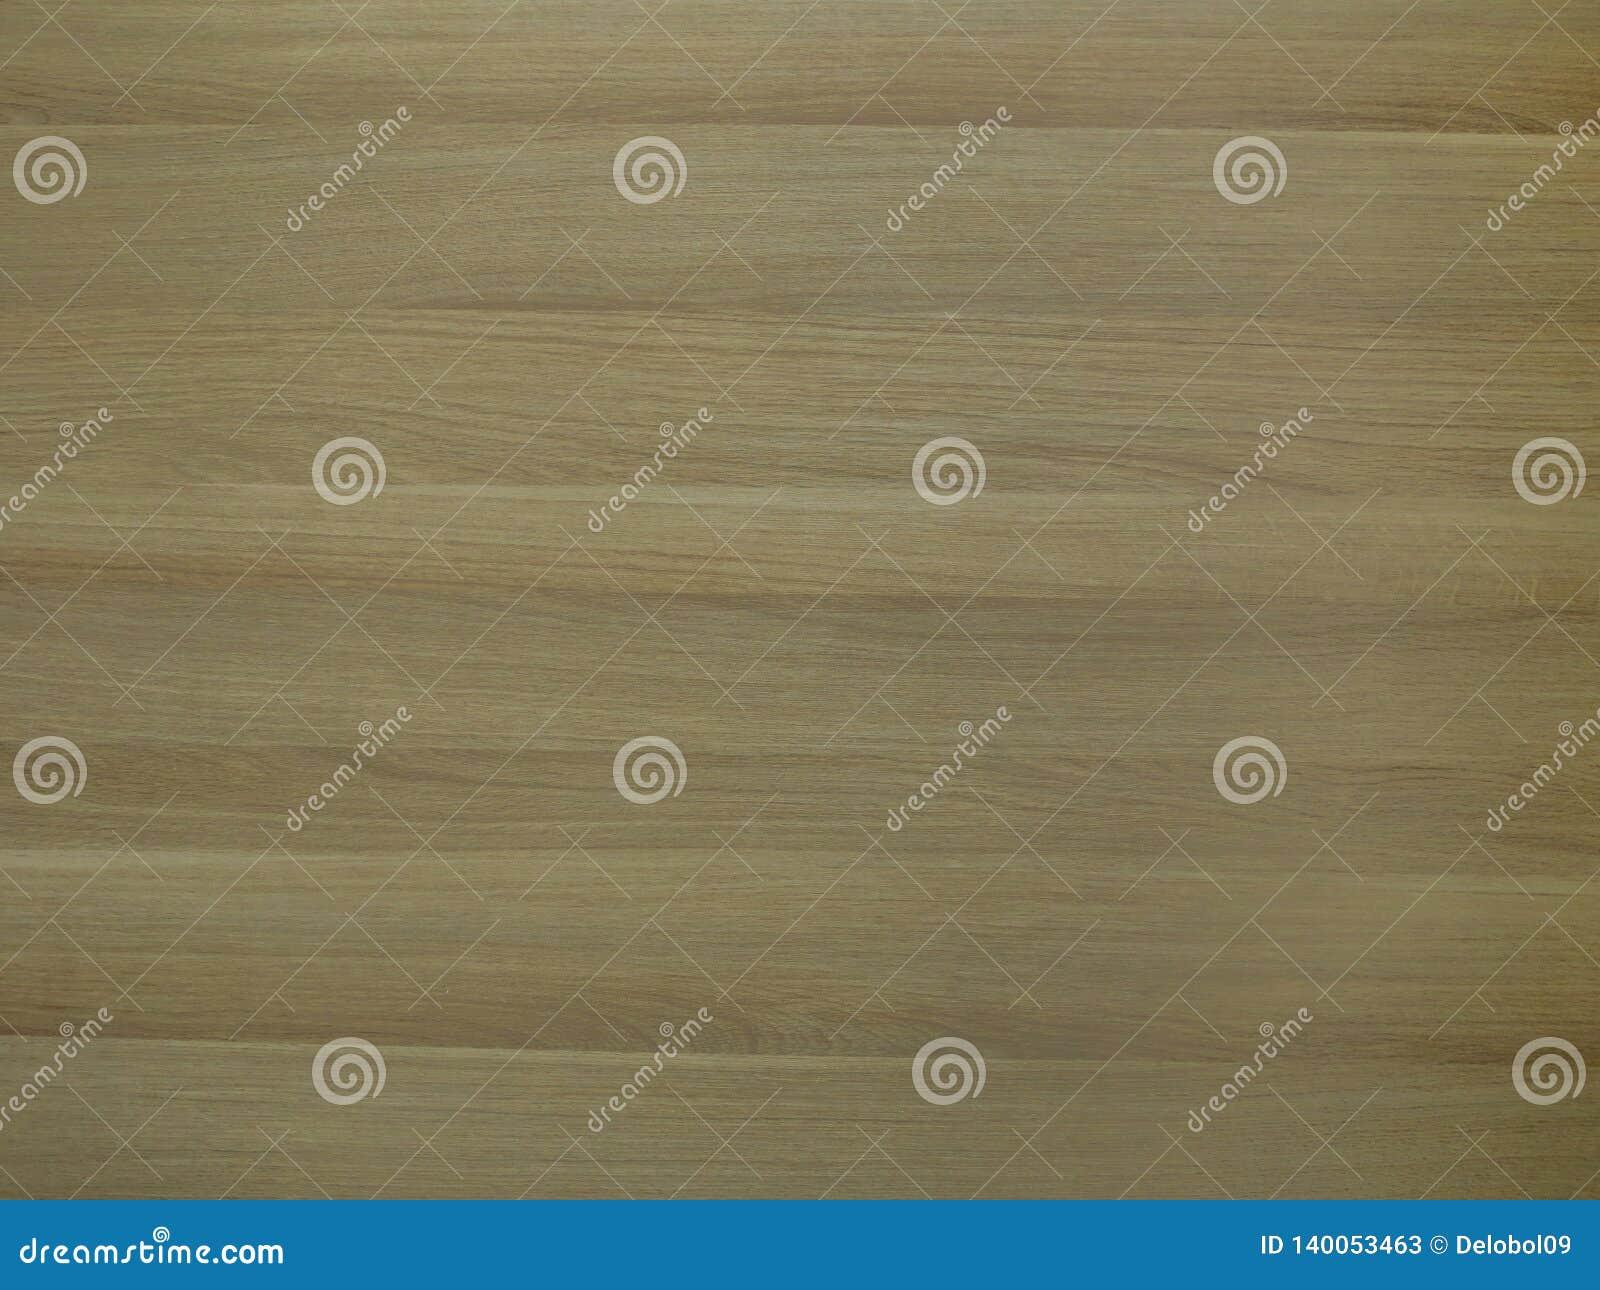 Gelamineerd paneel met gele bruine houten textuur